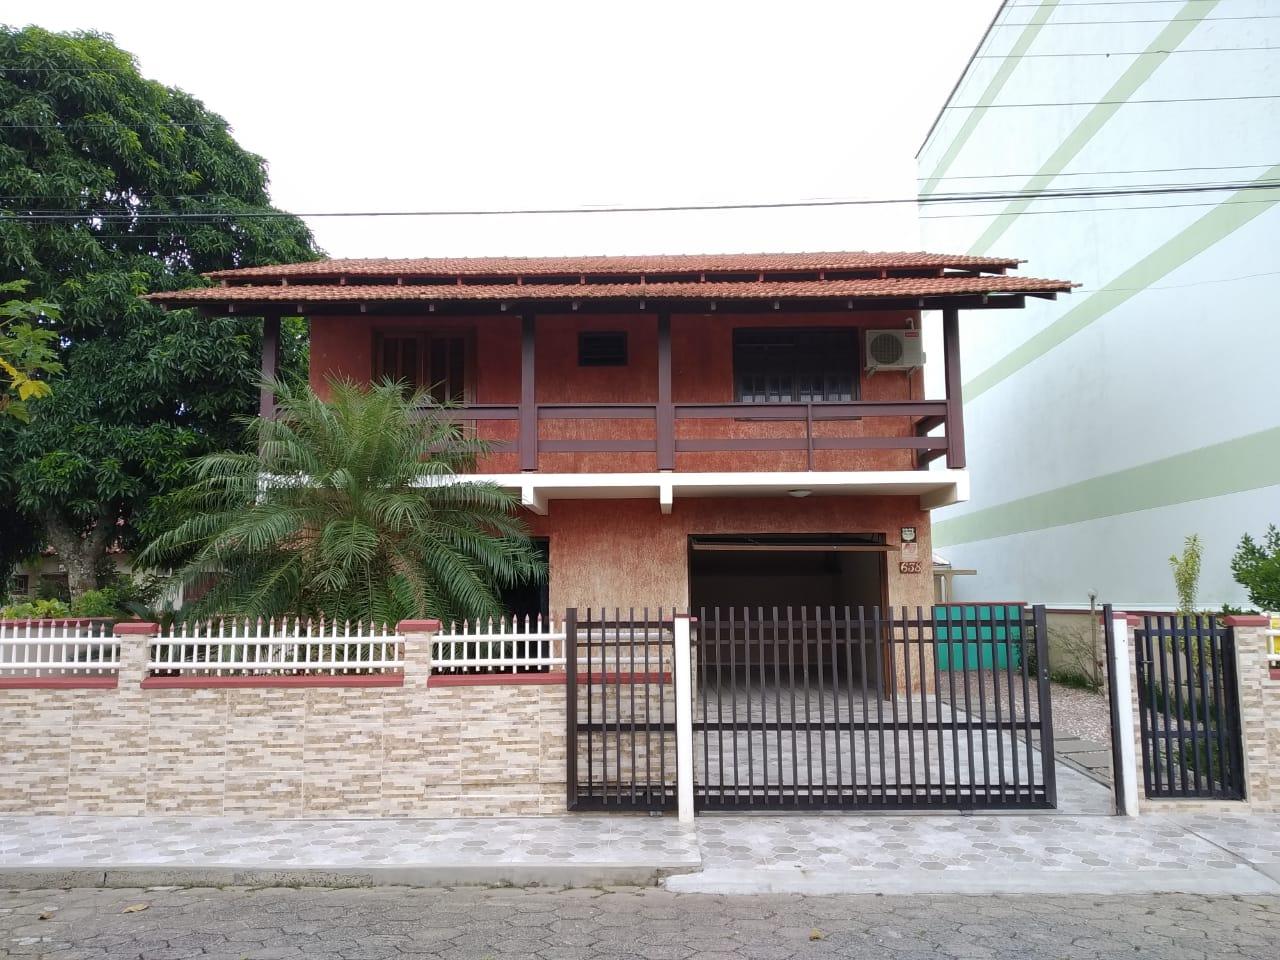 Cadin Imoveis - Vende - Casa - Gravata - Navegantes - R$450.000,00